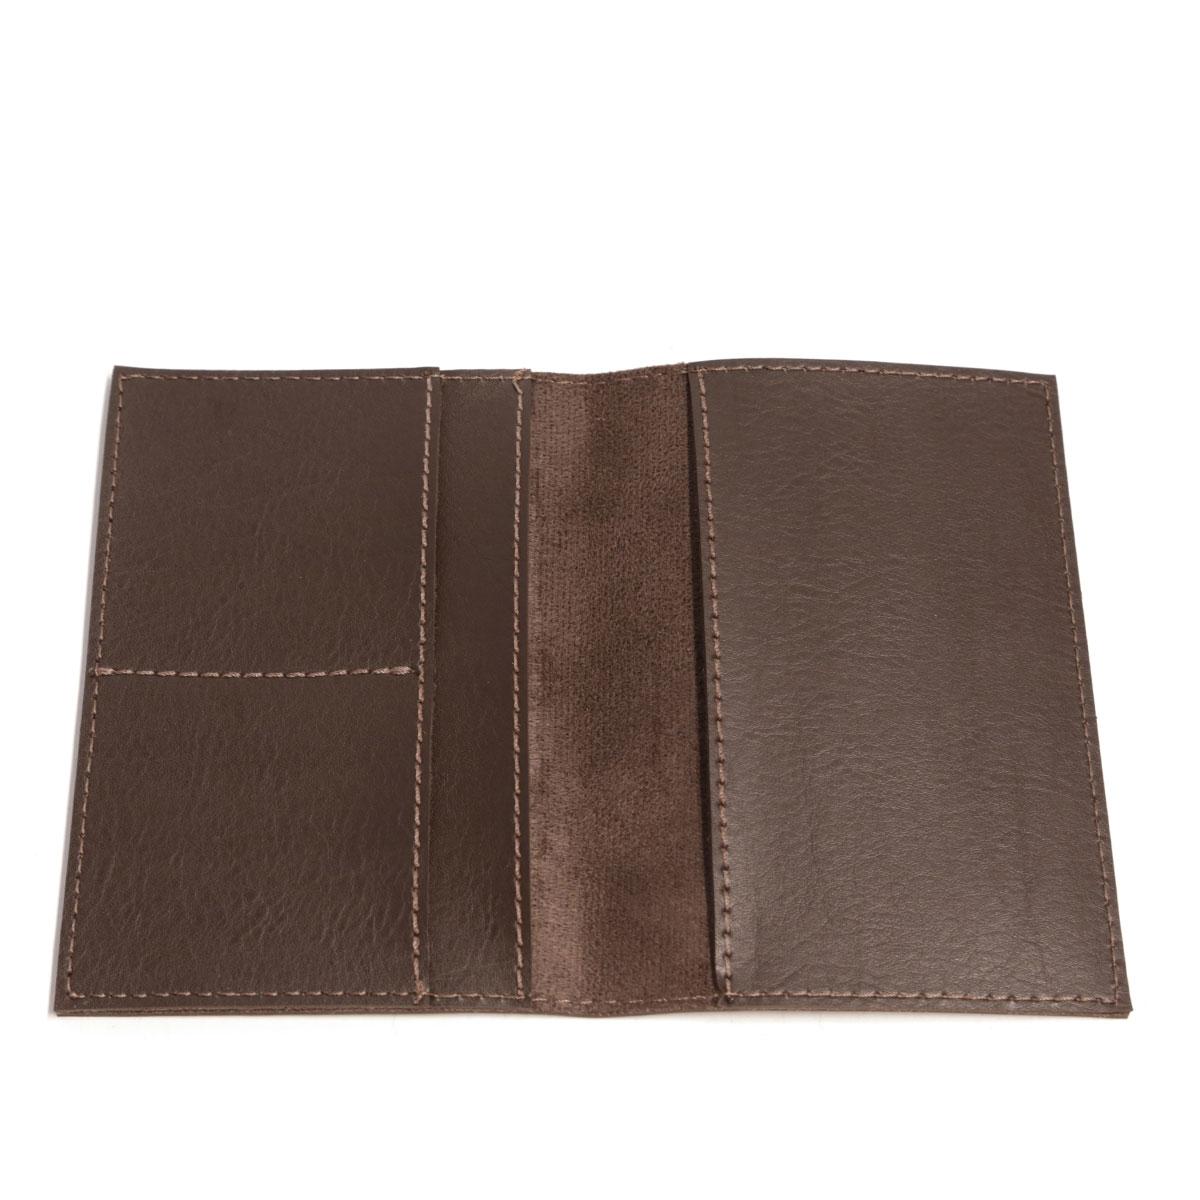 Porta passaporte com bolso (Montana Marrom)